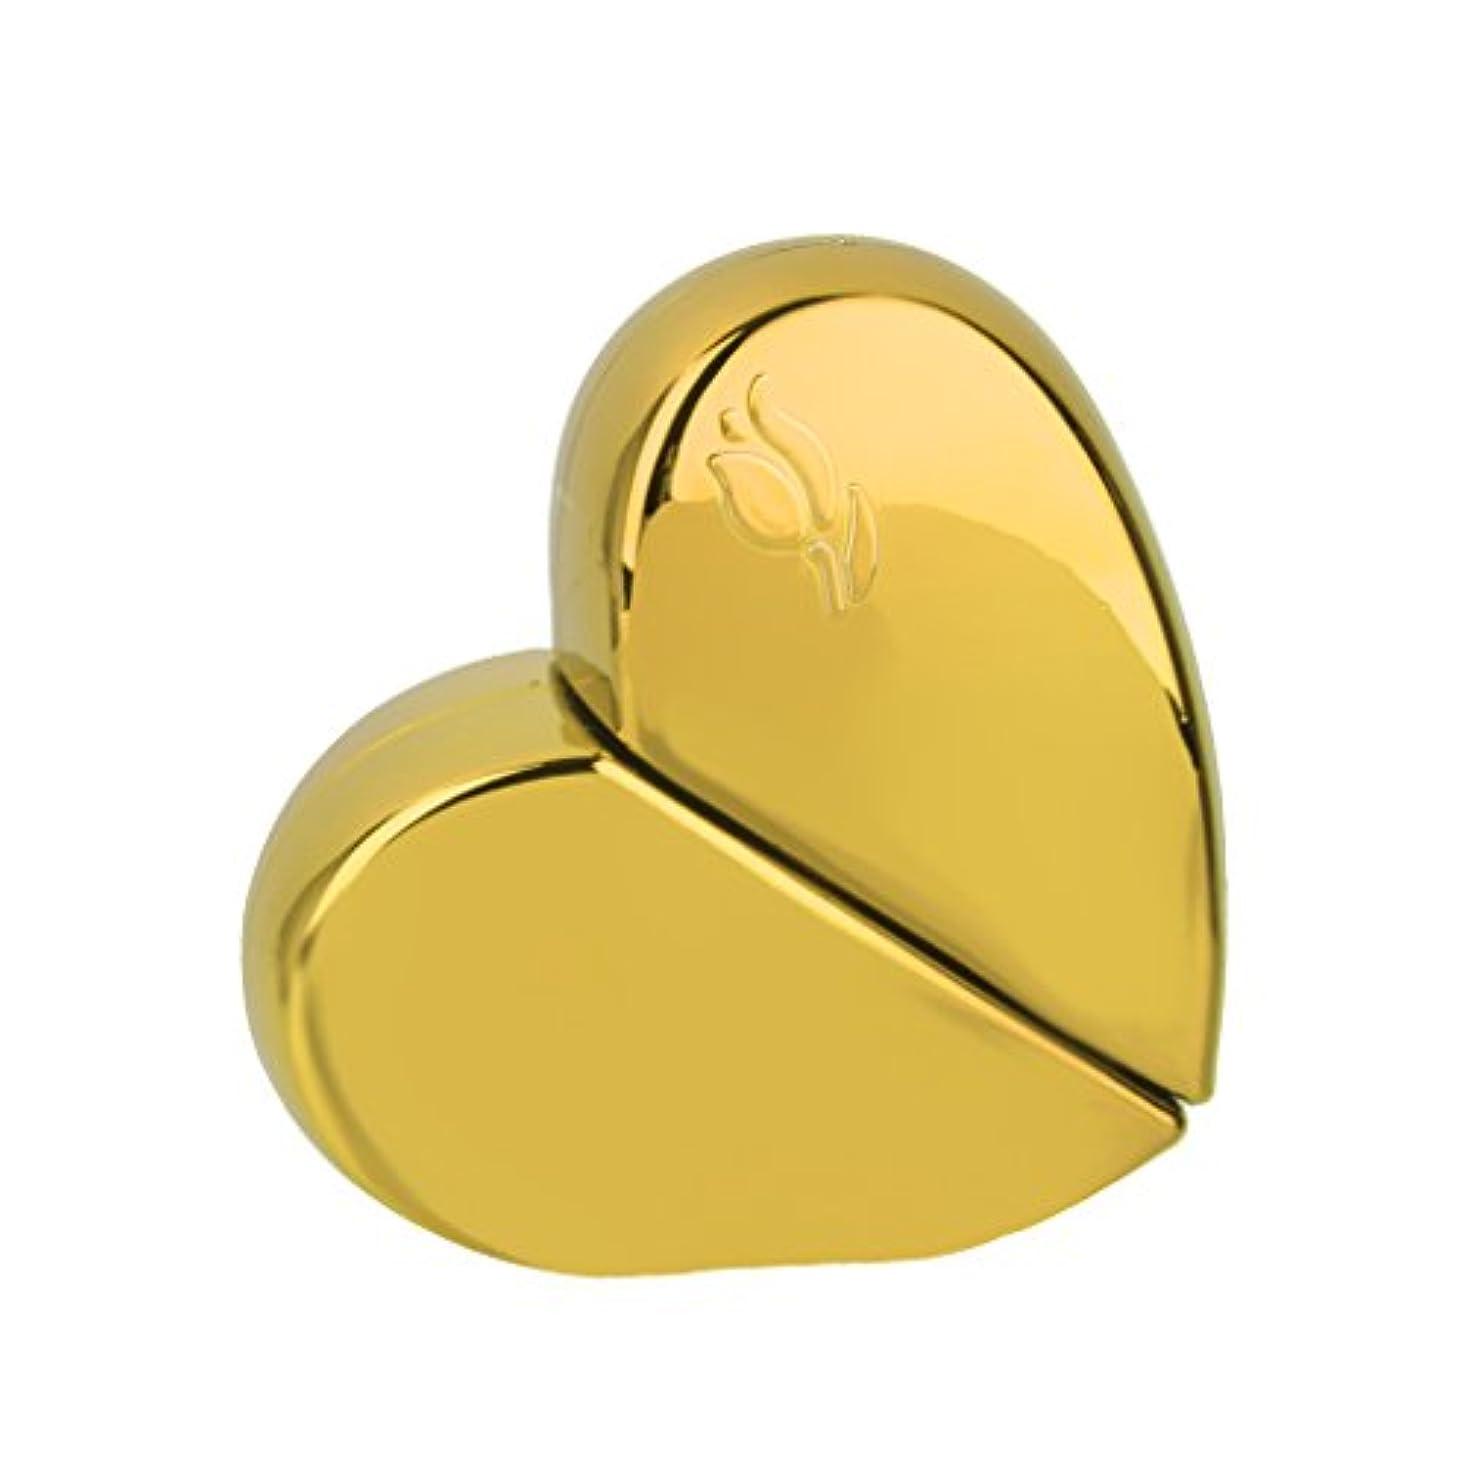 費やす古い果てしない【ノーブランド 品】旅行 香水アトマイザー 香水瓶 詰め替えスプレーボトル 25ml ゴールド ハート型